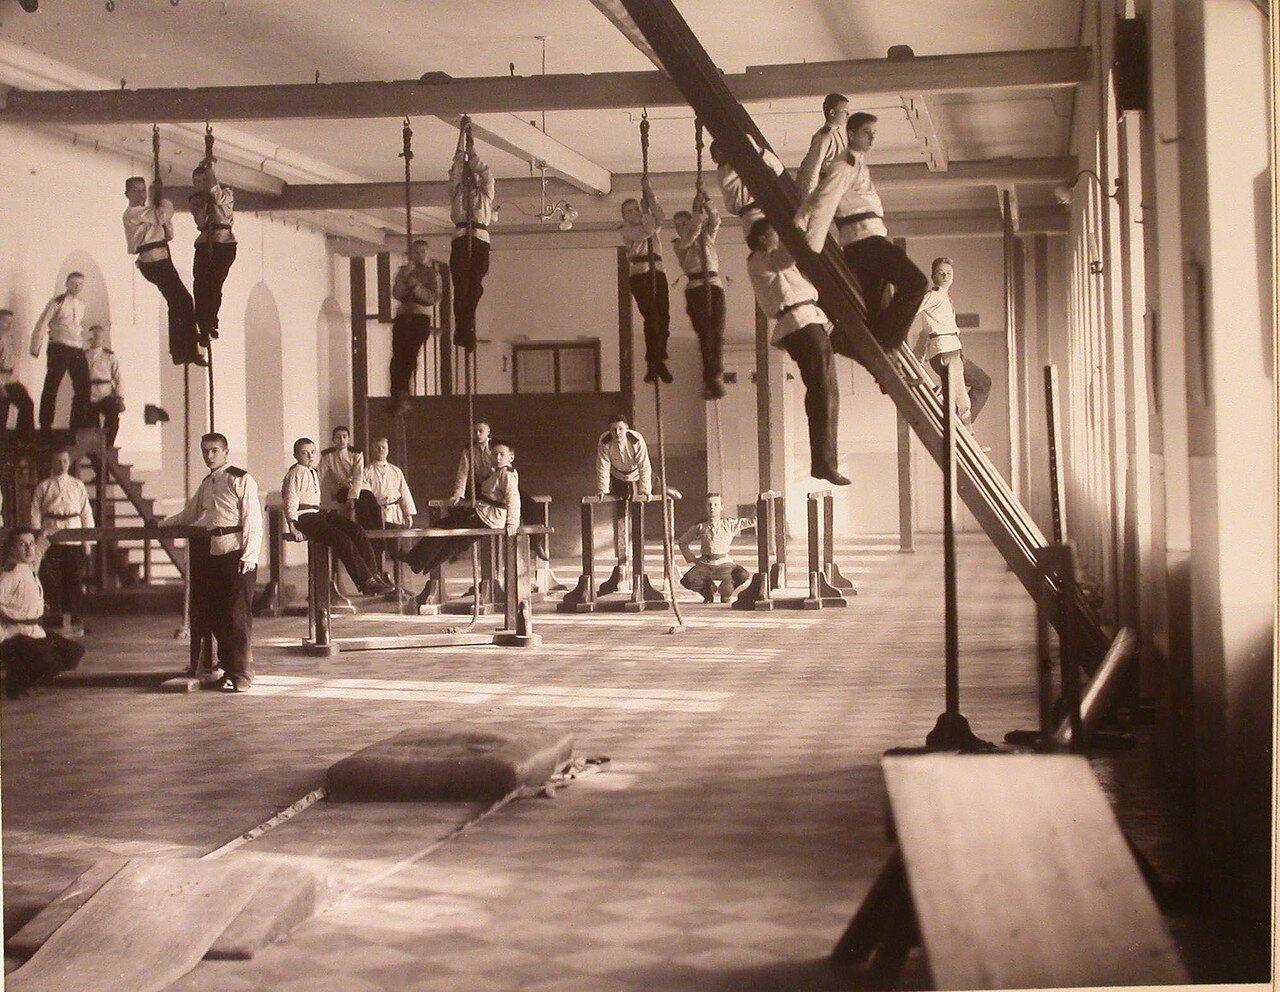 08. Воспитанники кадетского корпуса в гимнастическом зале во время занятий